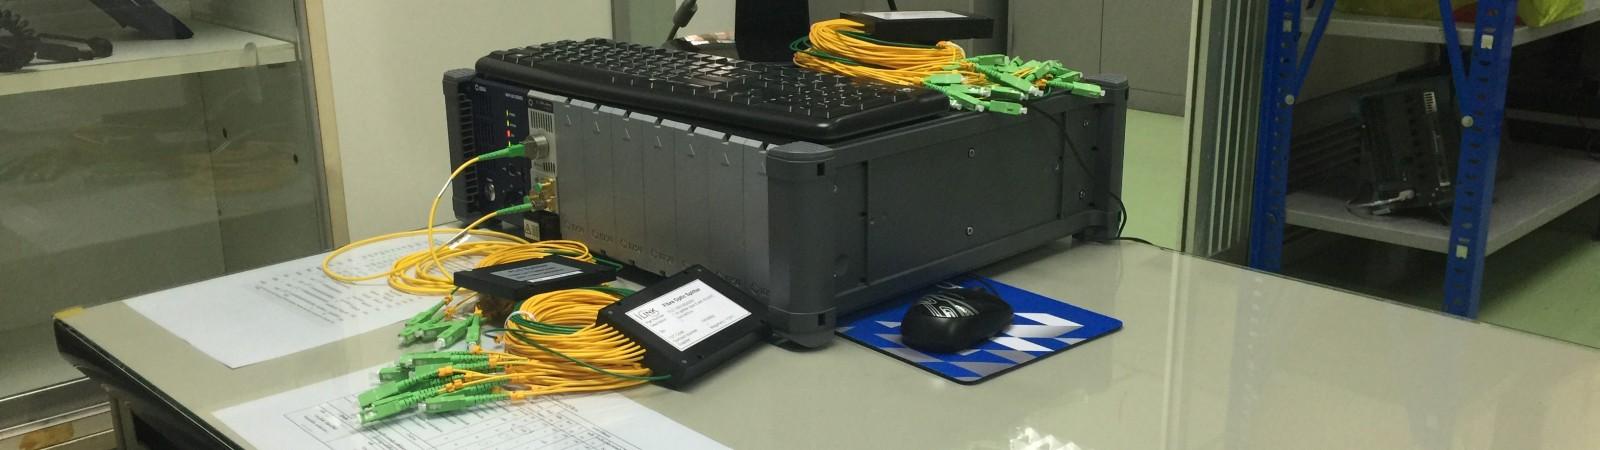 บริการทดสอบอุปกรณ์ Optical Spitter : Optical Spitter Testing Service